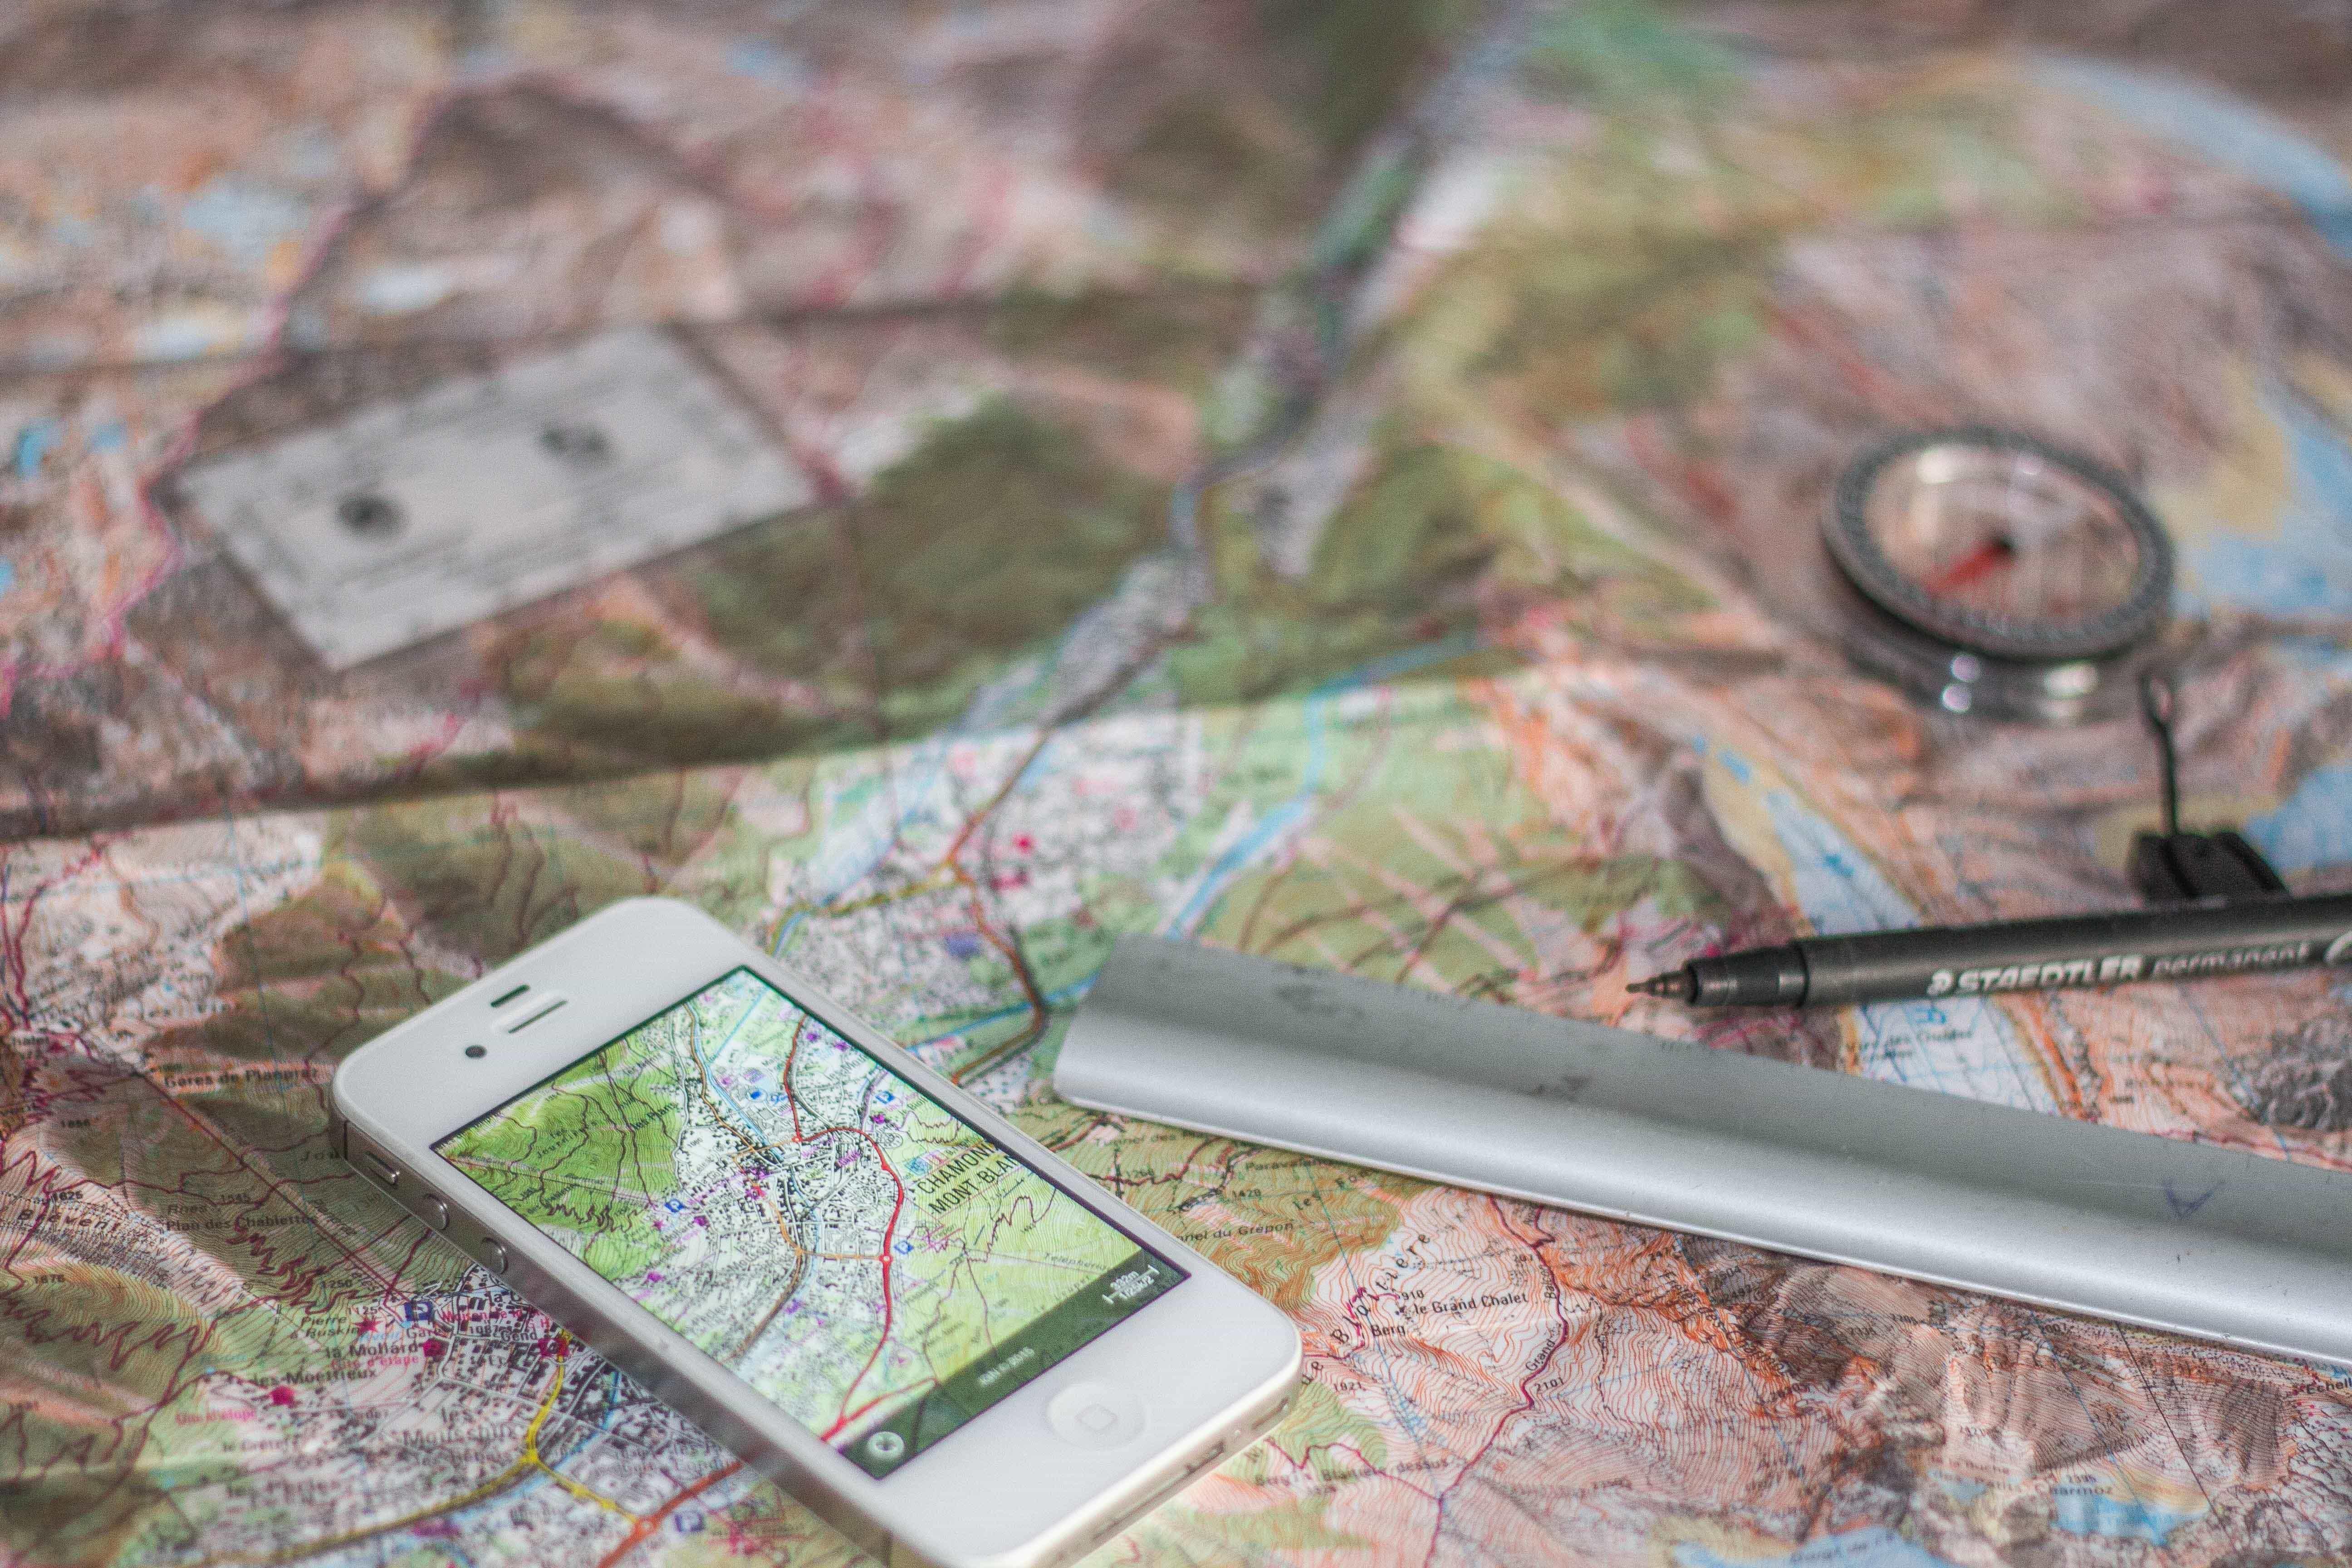 Randonnée Cartographie Orientation